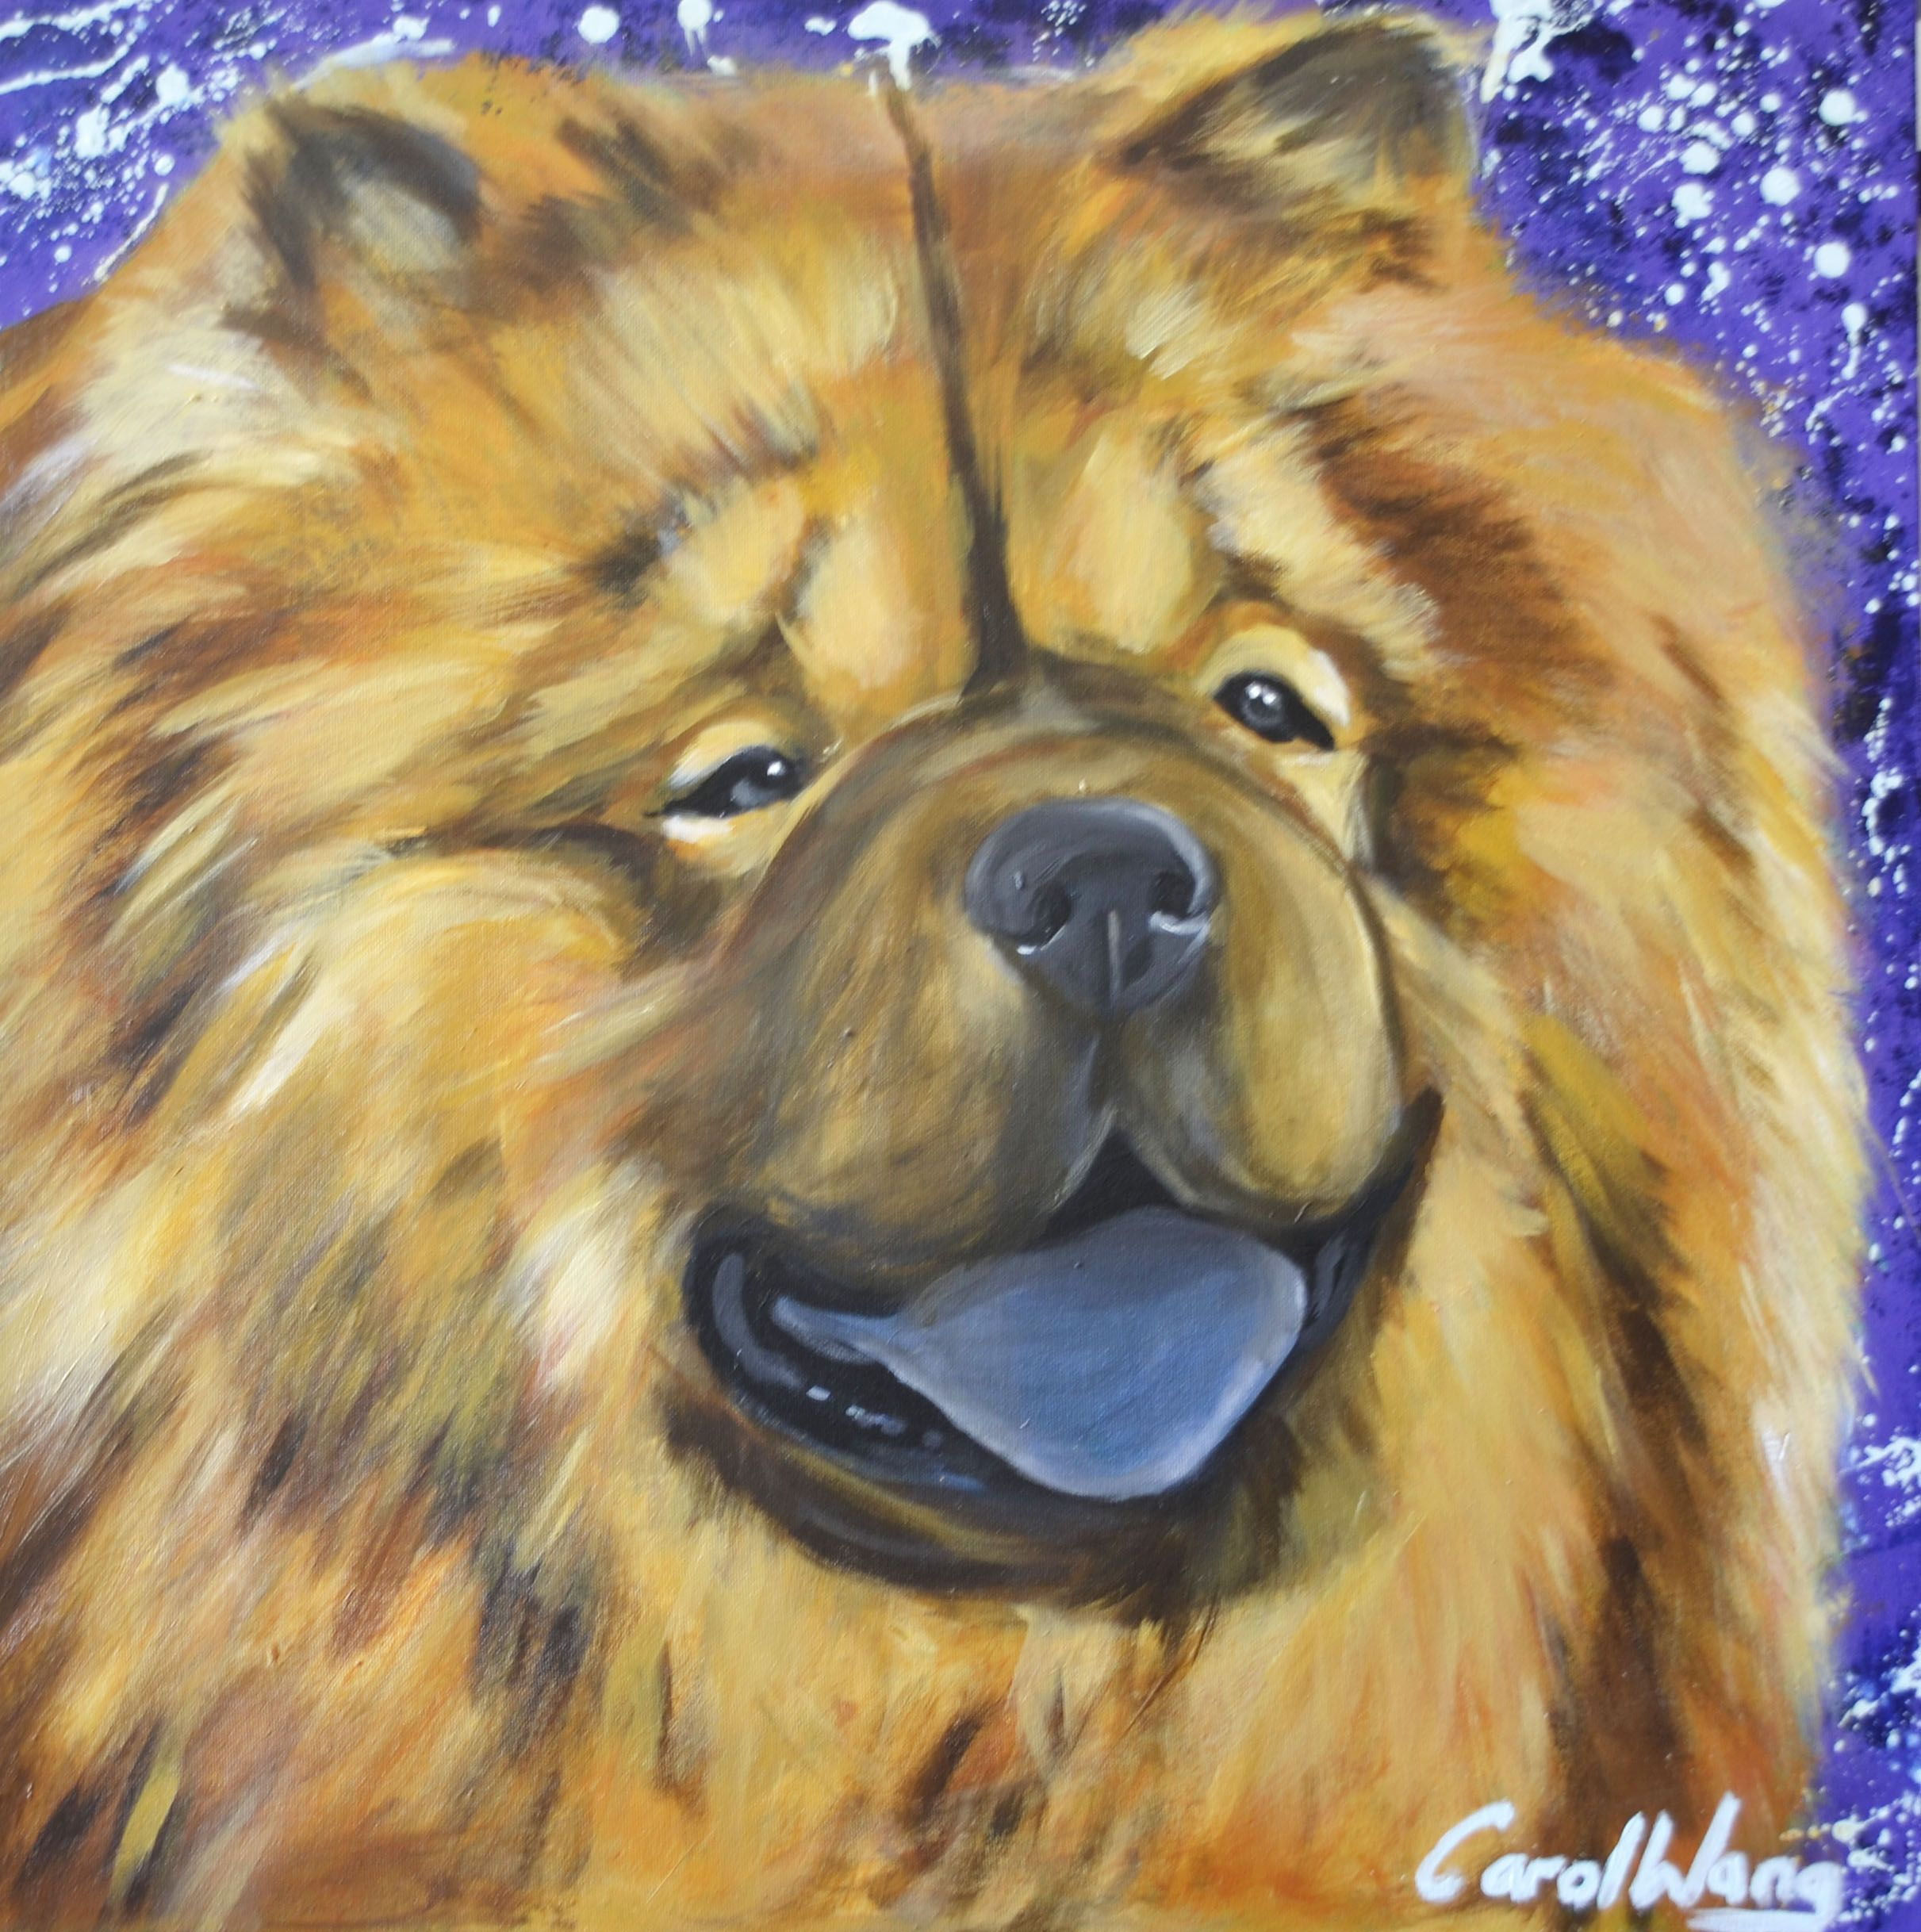 Chow Chow Dog Painting Dog Paintings Chow Chow Dogs Dog Portraits